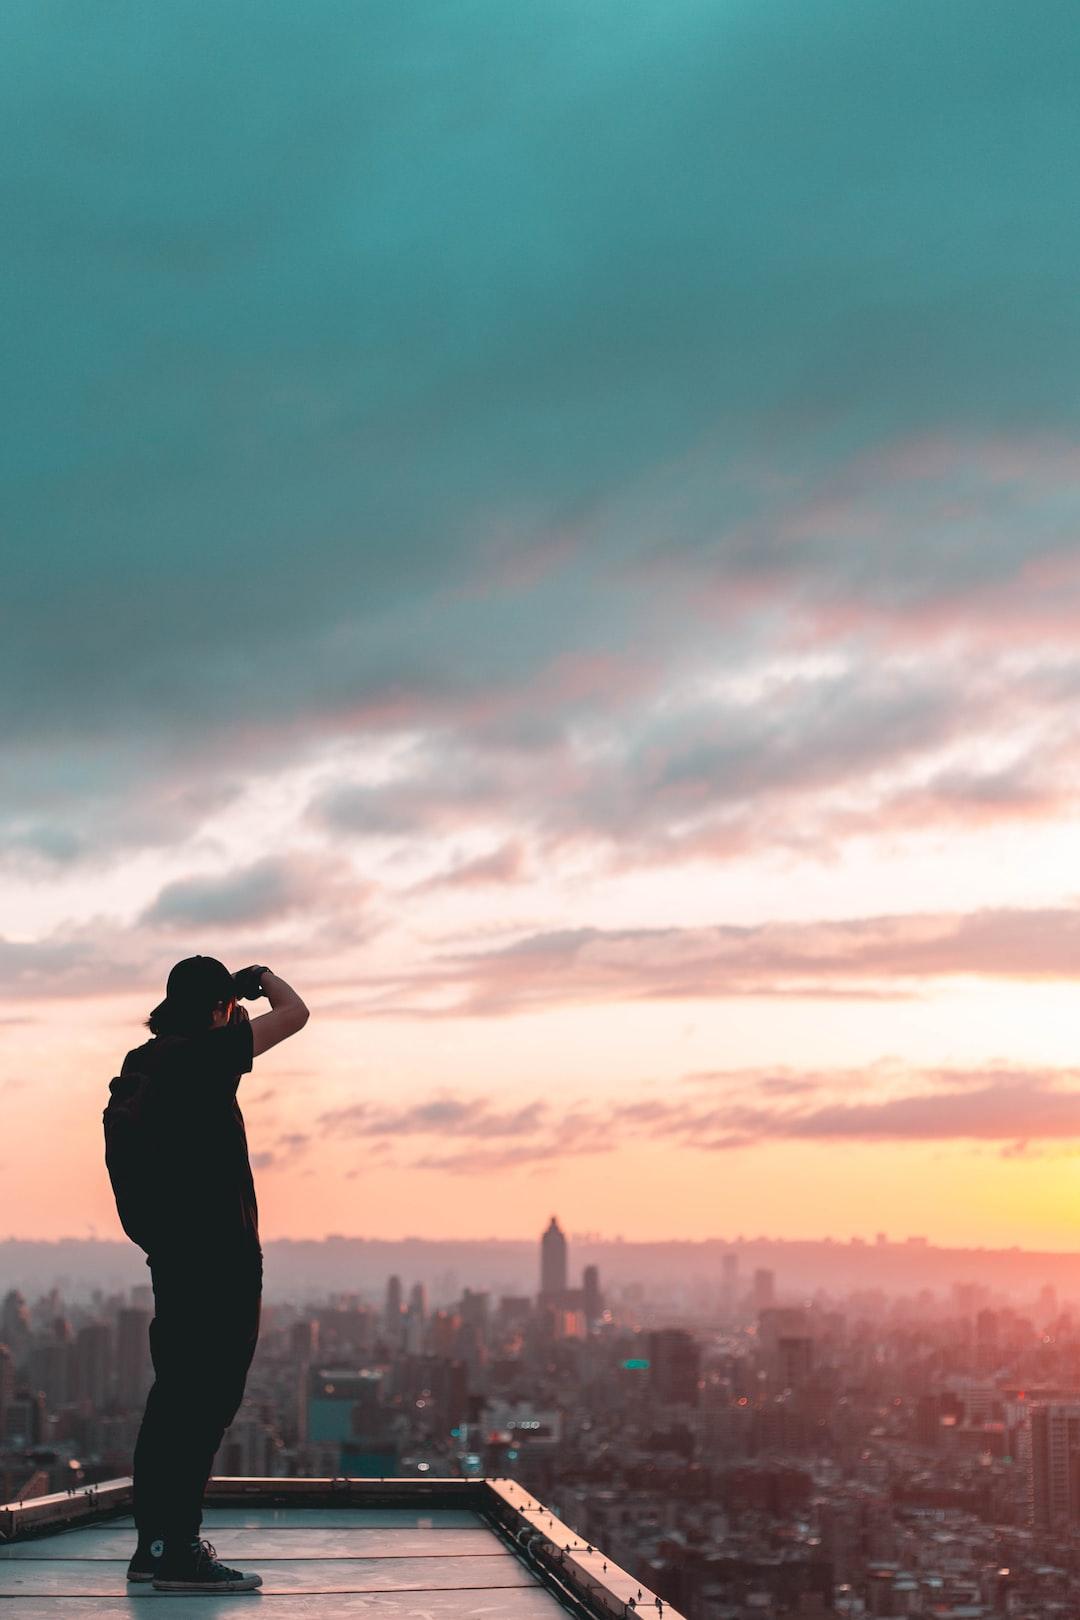 Capture amazing scenery.